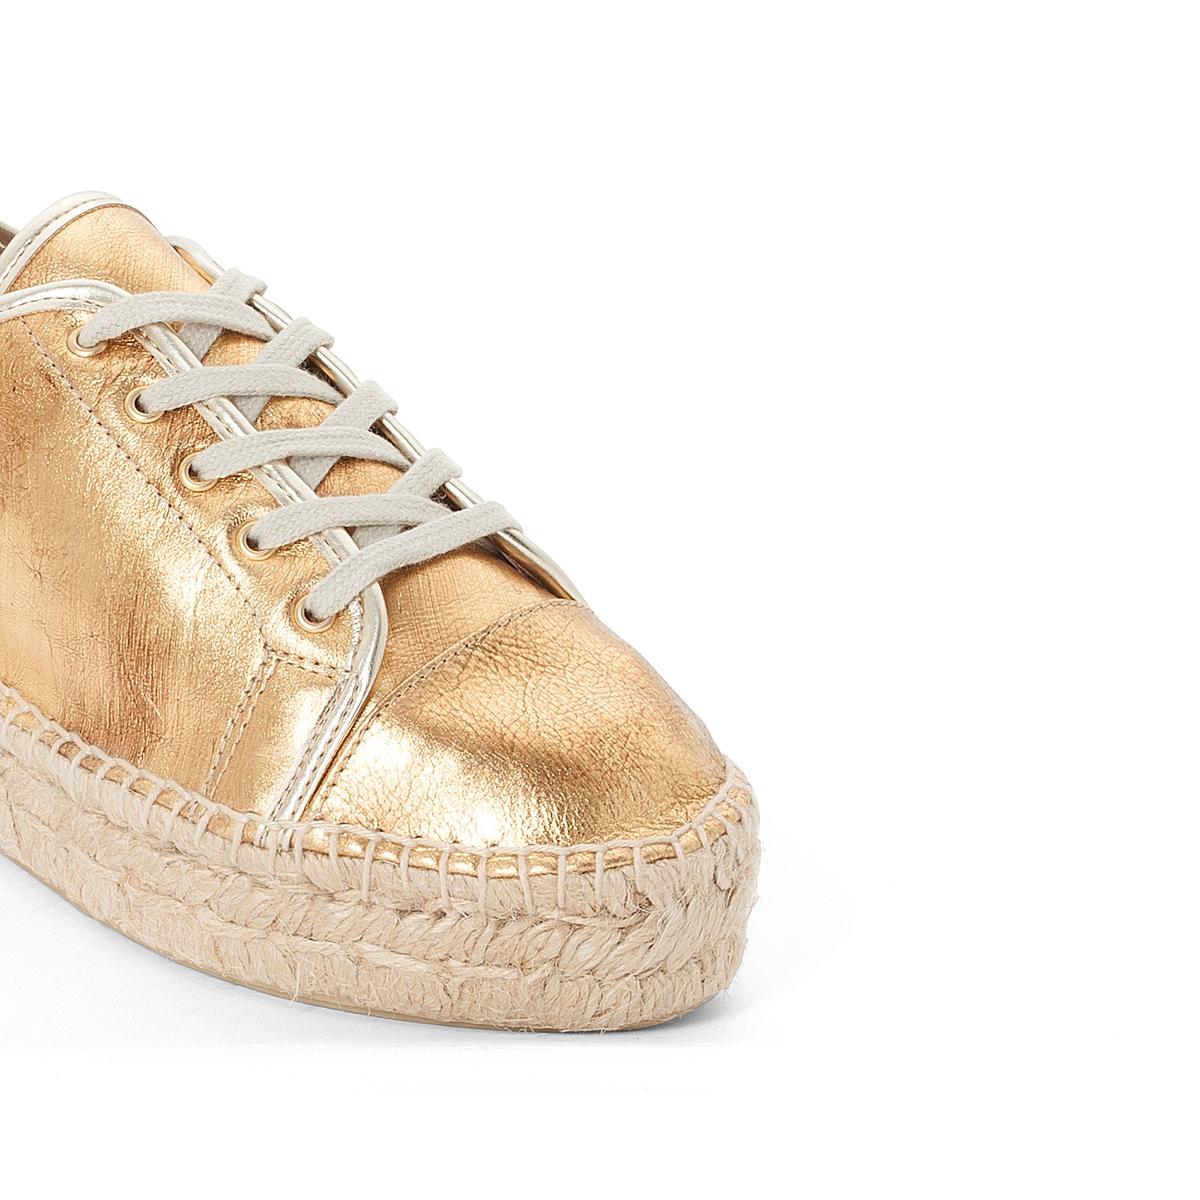 Эспадрильи 10701-3YUВерх : Кожа.   Подкладка : Кожа.   Стелька : синтетика   Подошва : синтетика   Высота каблука : 1 см.   Форма каблука : плоский каблук   Мысок : закругленный   Застежка : шнуровка<br><br>Цвет: золотистый<br>Размер: 40.37